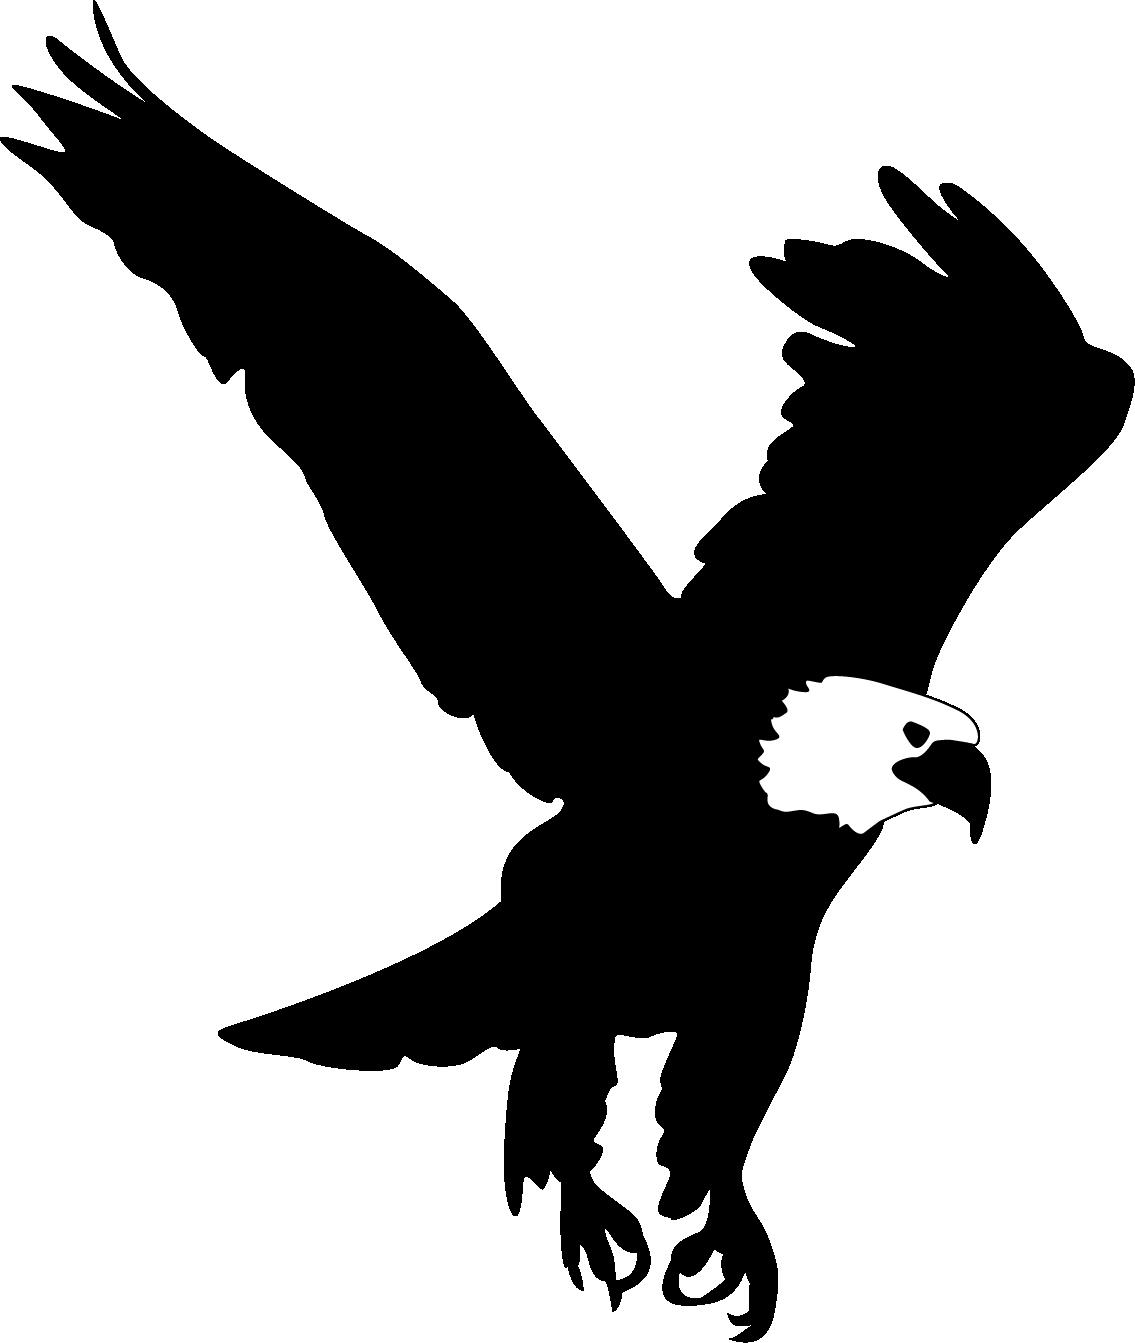 1135x1343 Bald Eagle Clip Art